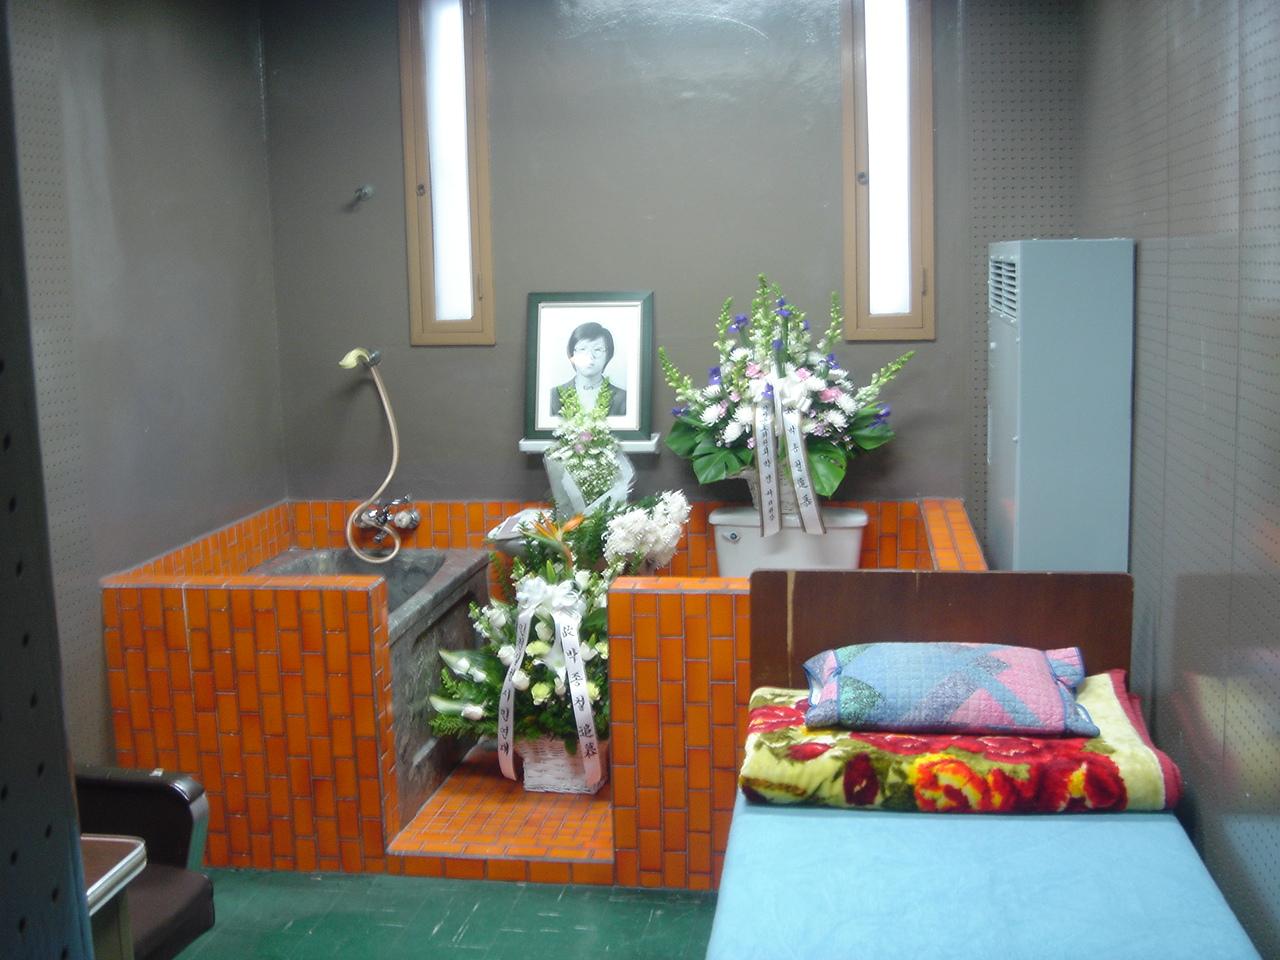 박종철 죽이고 김근태 고문하던... 남영동 보안분실 방문기